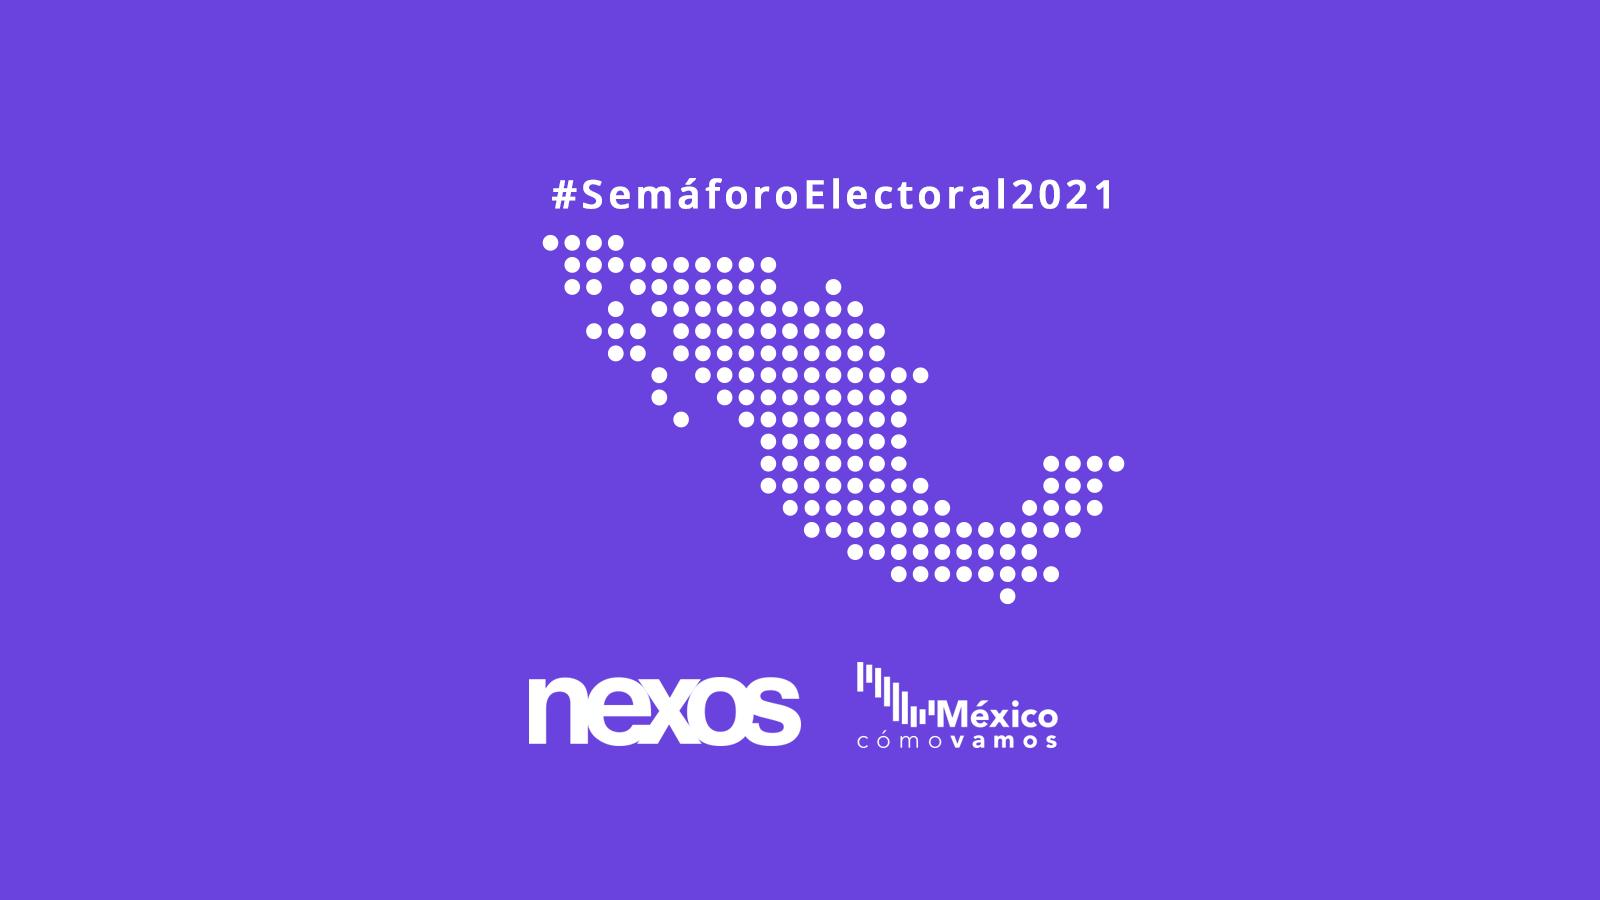 #SemáforoElectoral2021